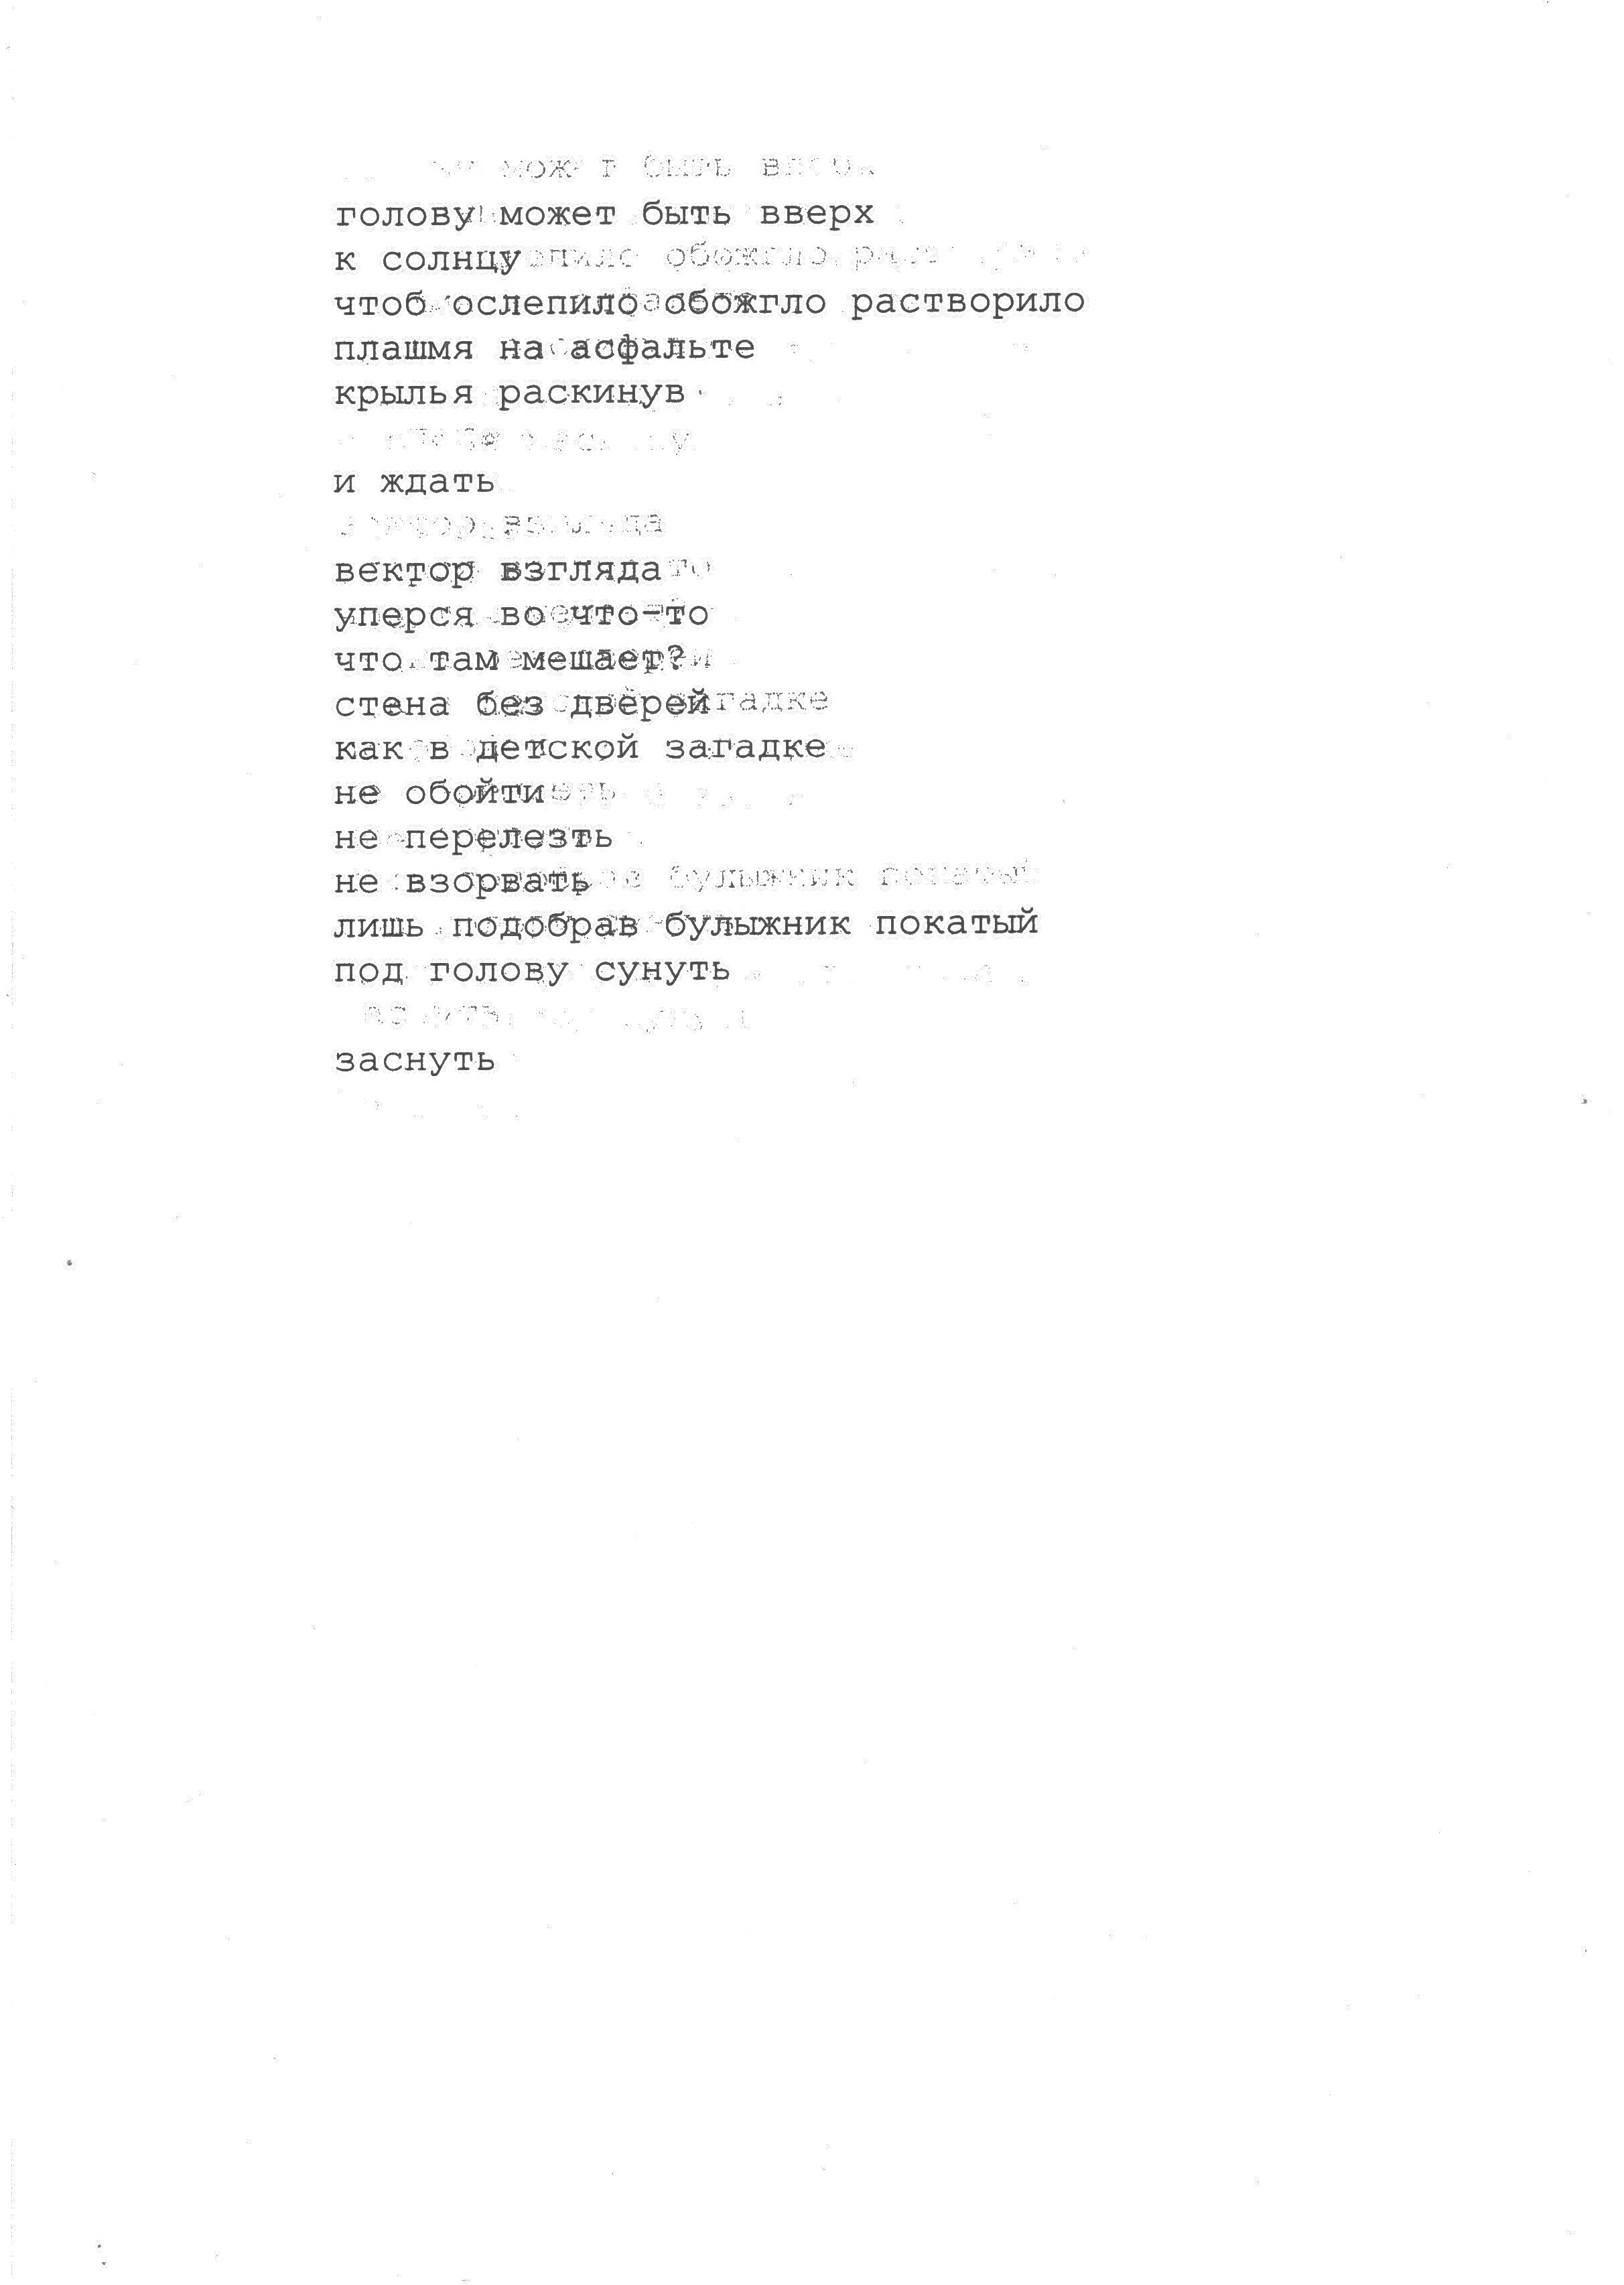 Отсканировано 14.11.2013 23-01 (4)